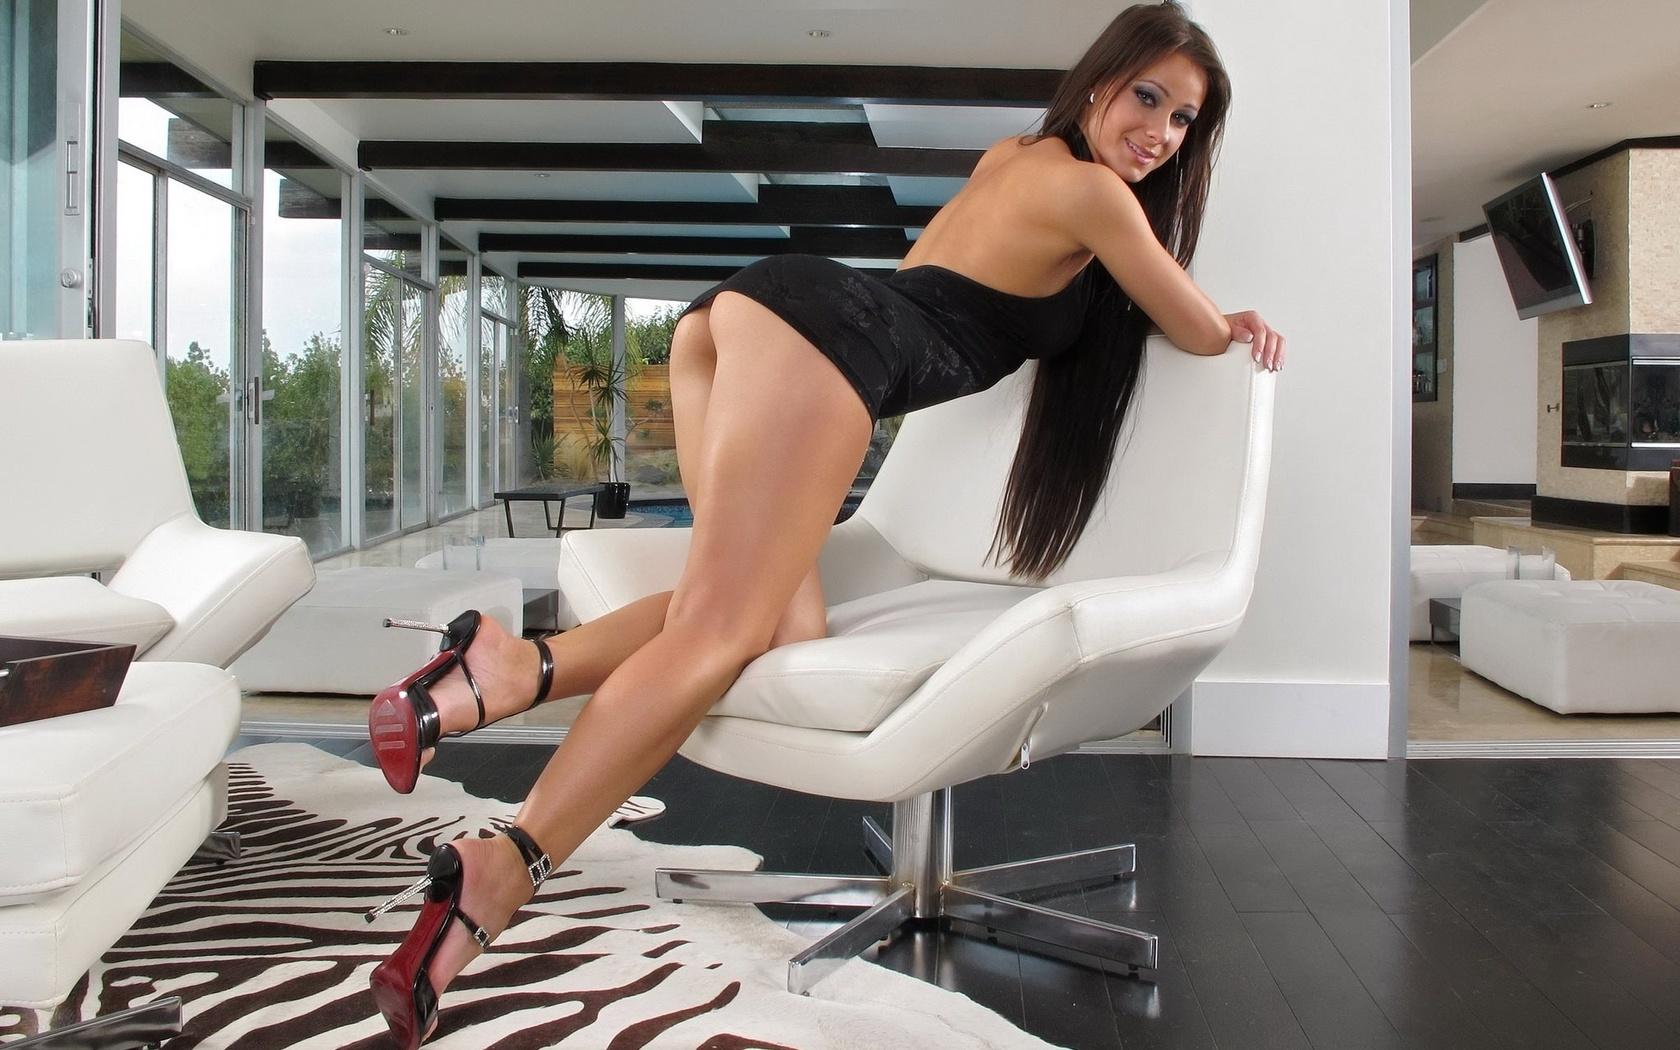 Фото категория сексуальные ножки, Голые ножки - красивые девушки с голыми ногами на фото 20 фотография